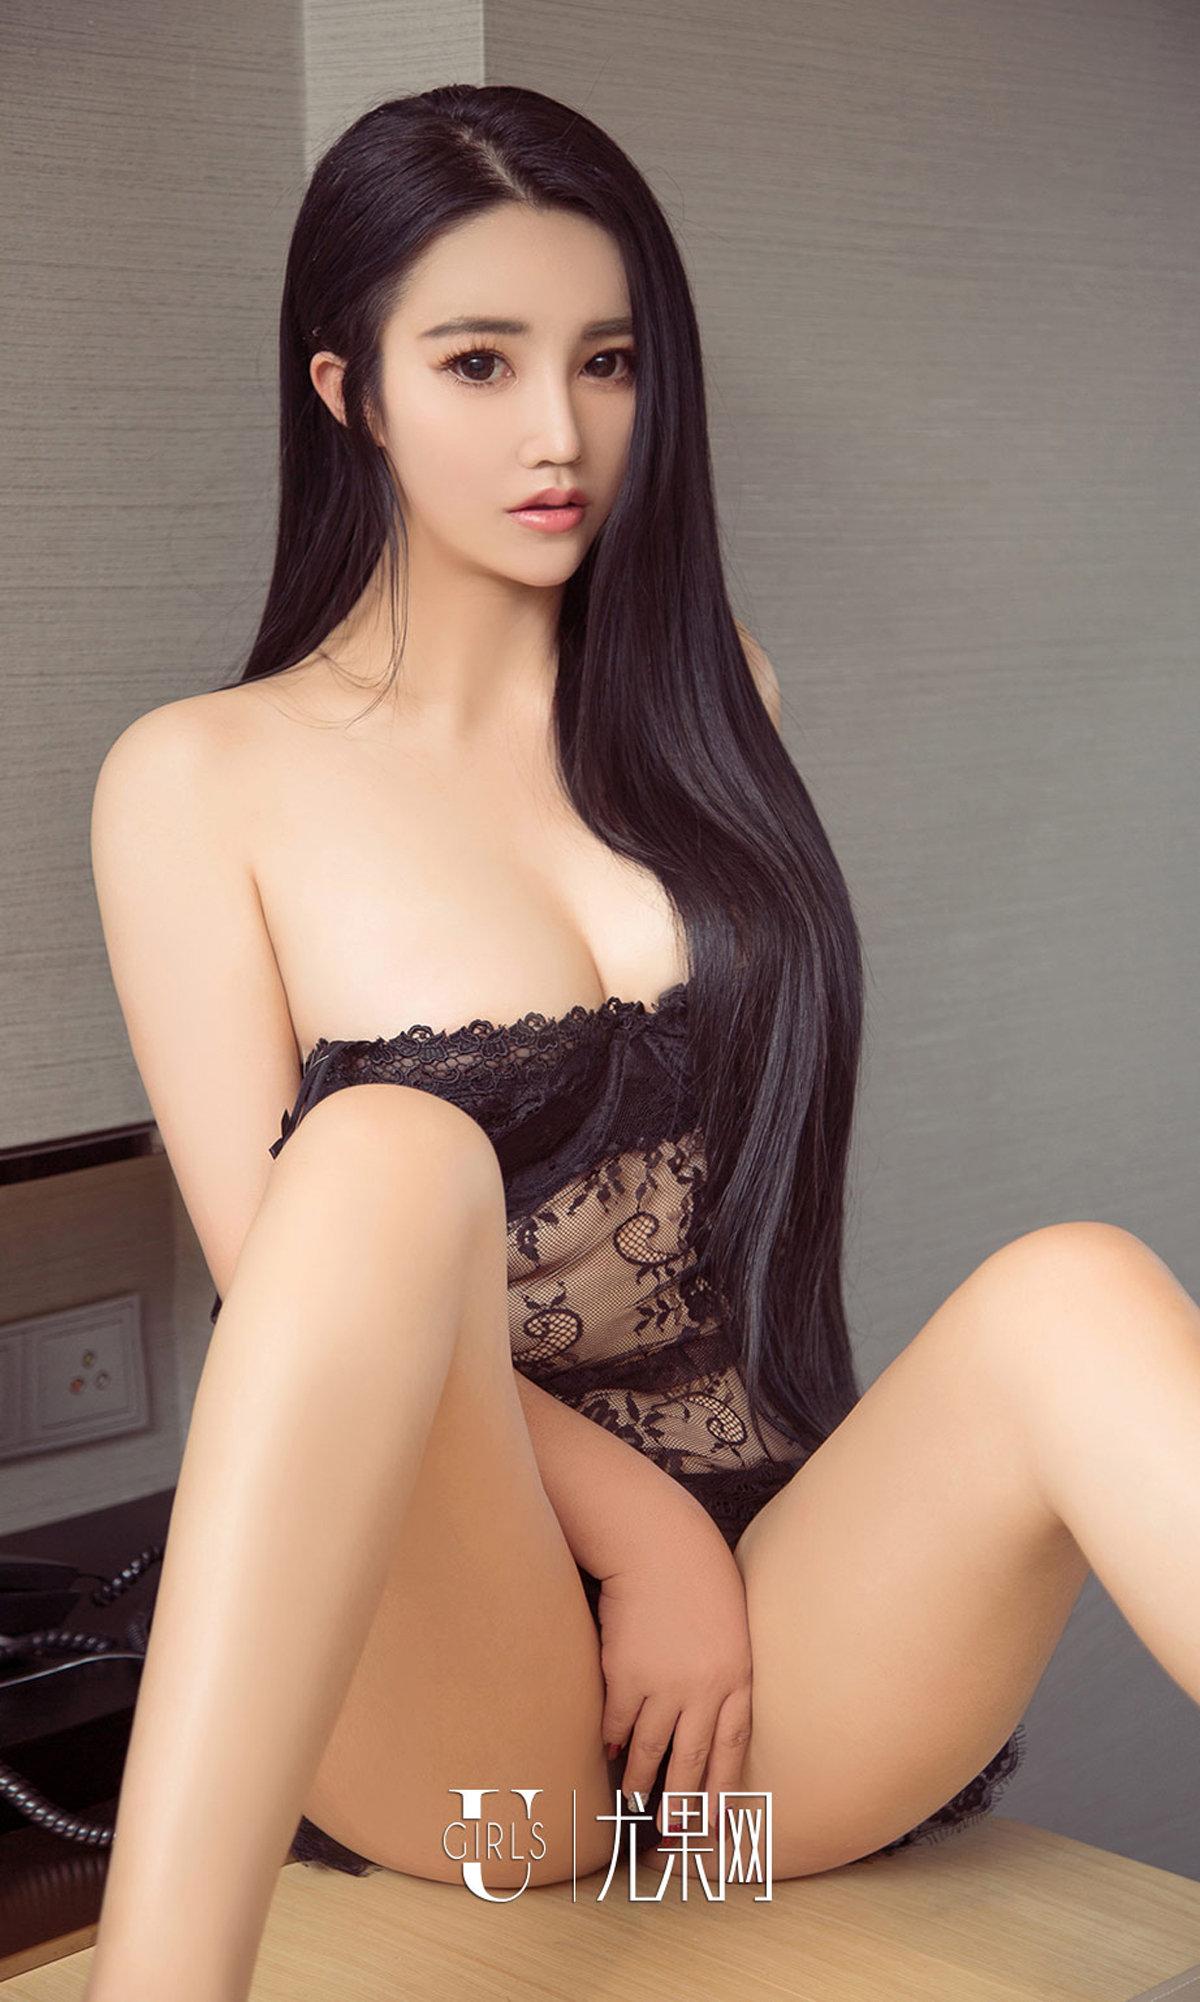 [ugirls尤果网] 极品美女菲儿性感娇躯诱惑写真图片 第